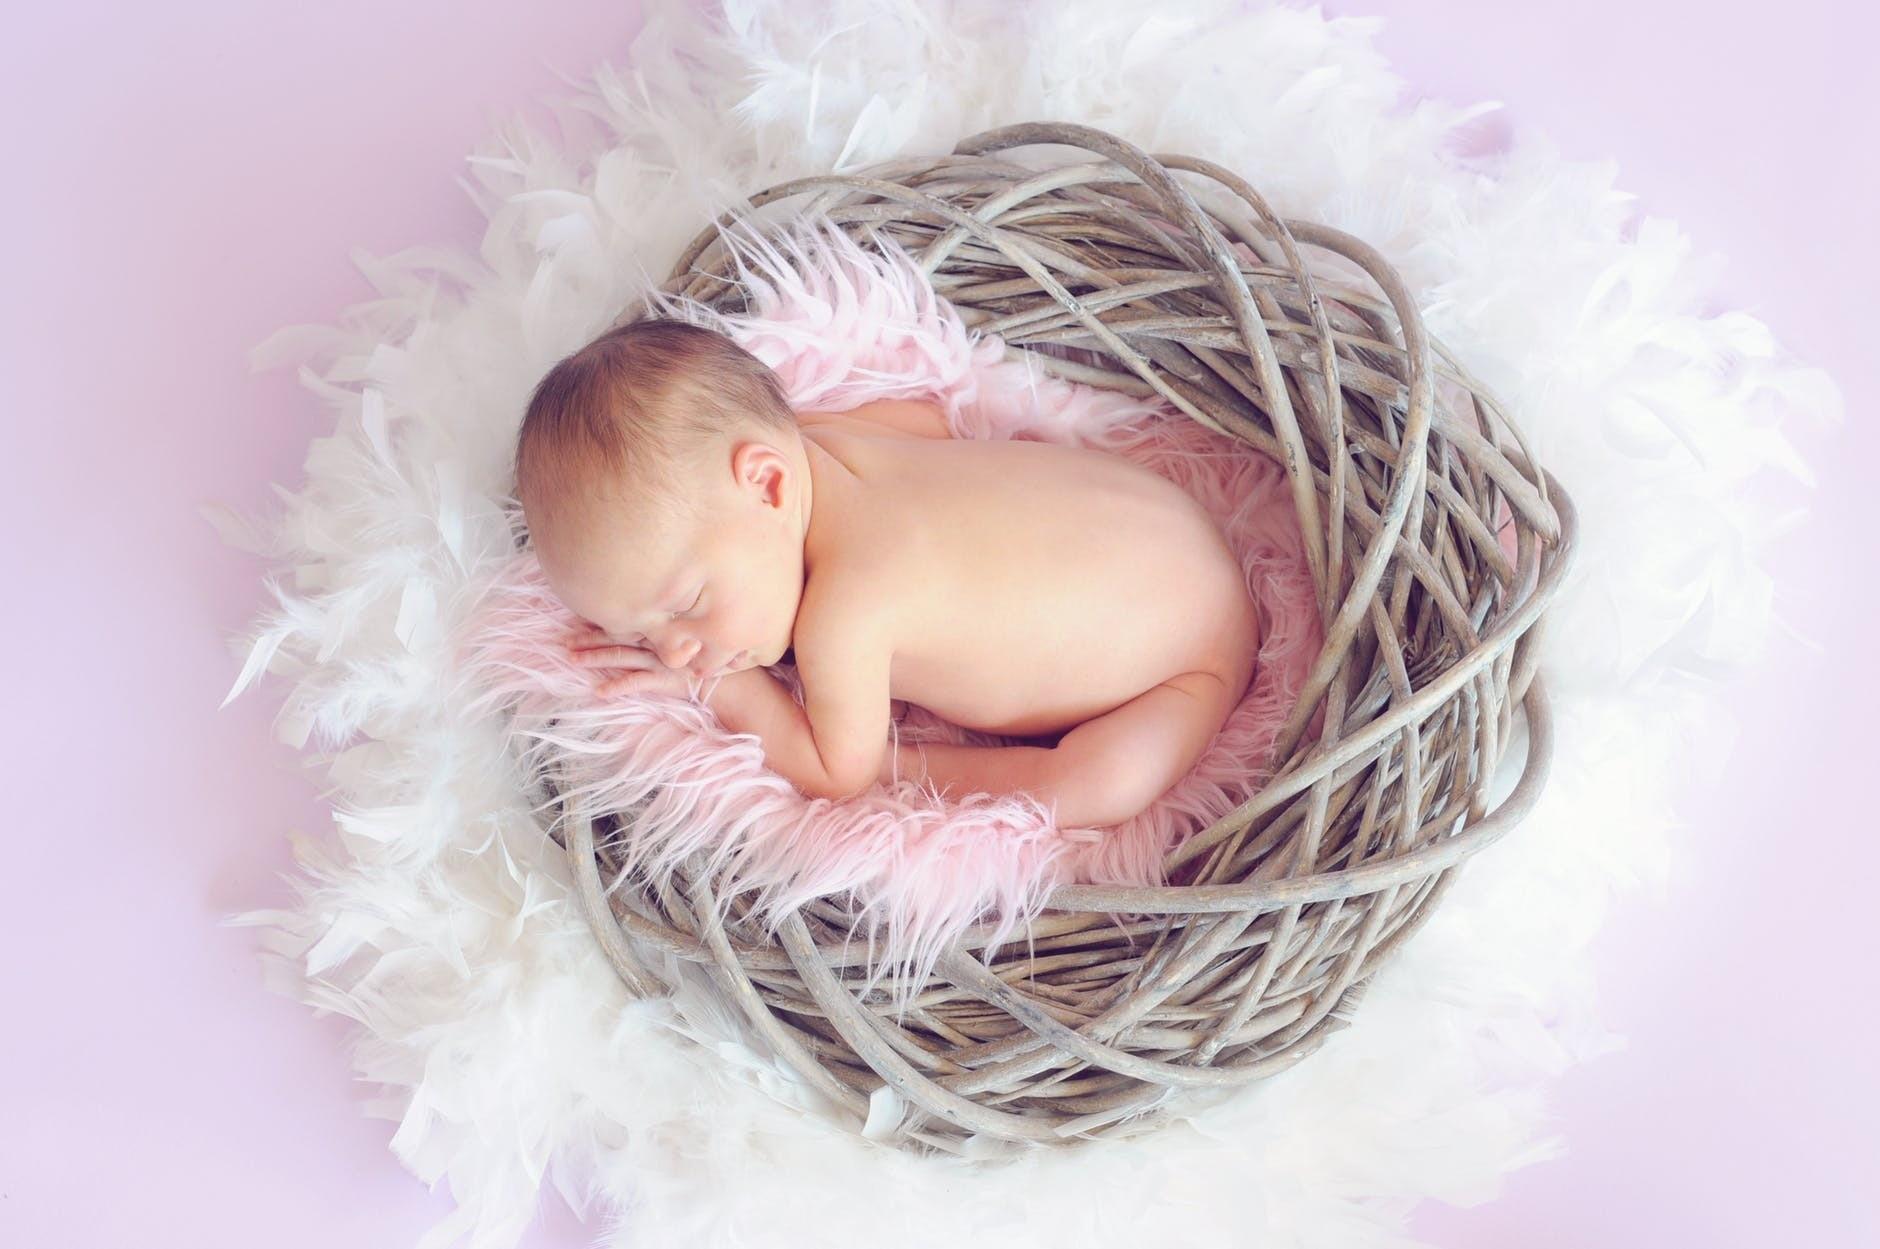 Возможно ли рассчитать овуляцию, чтобы родить ребенка определенного пола?